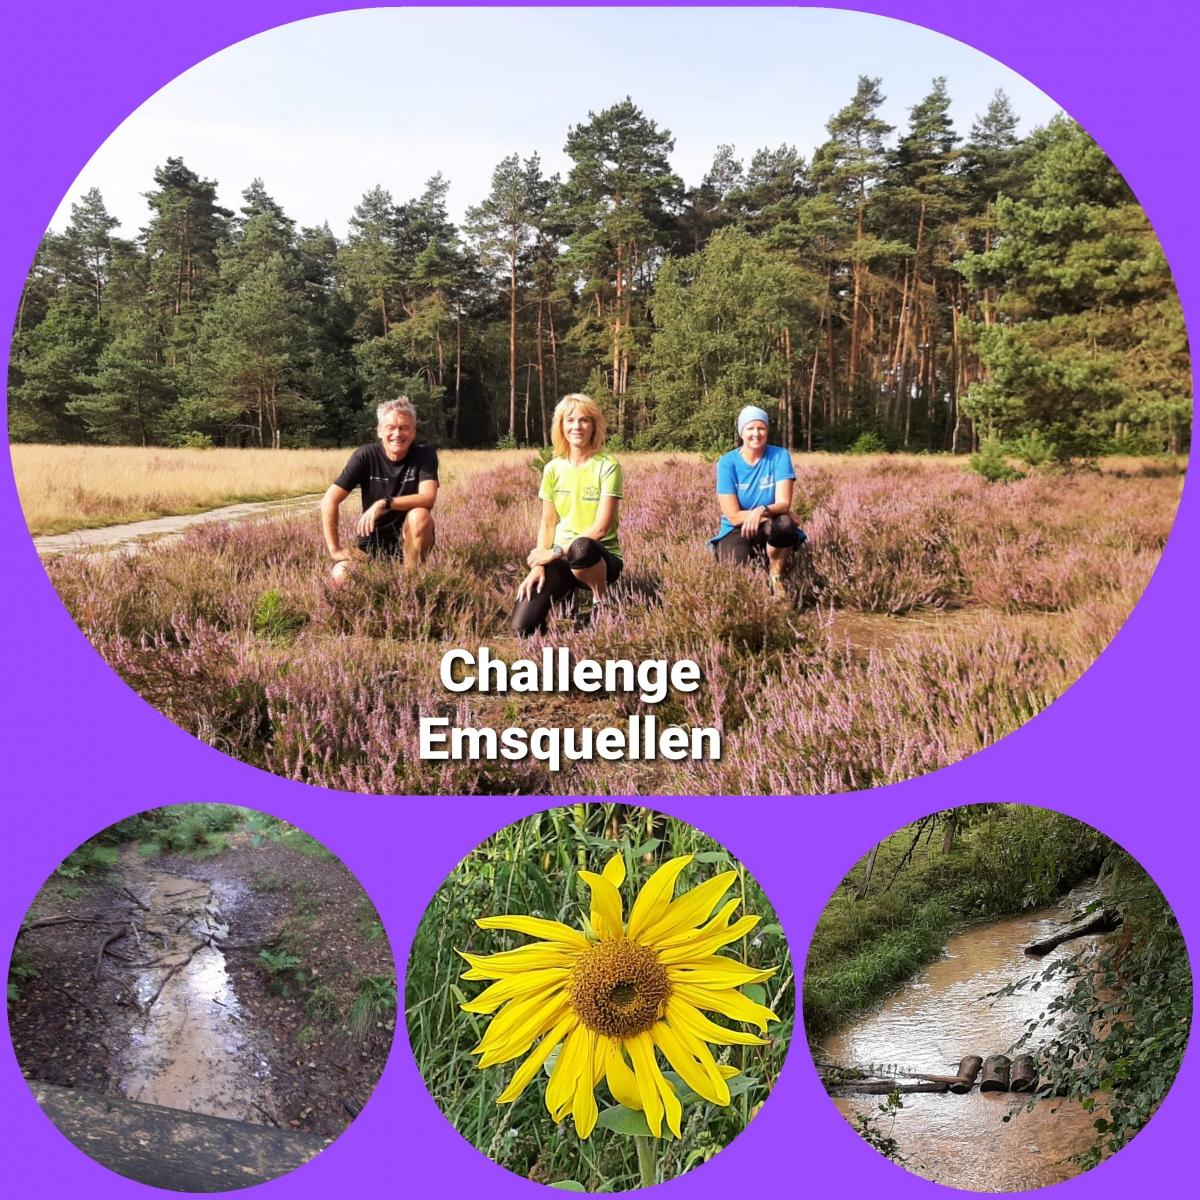 Luening-Oliver-31-Challenge-Emsquellen-KEMfq